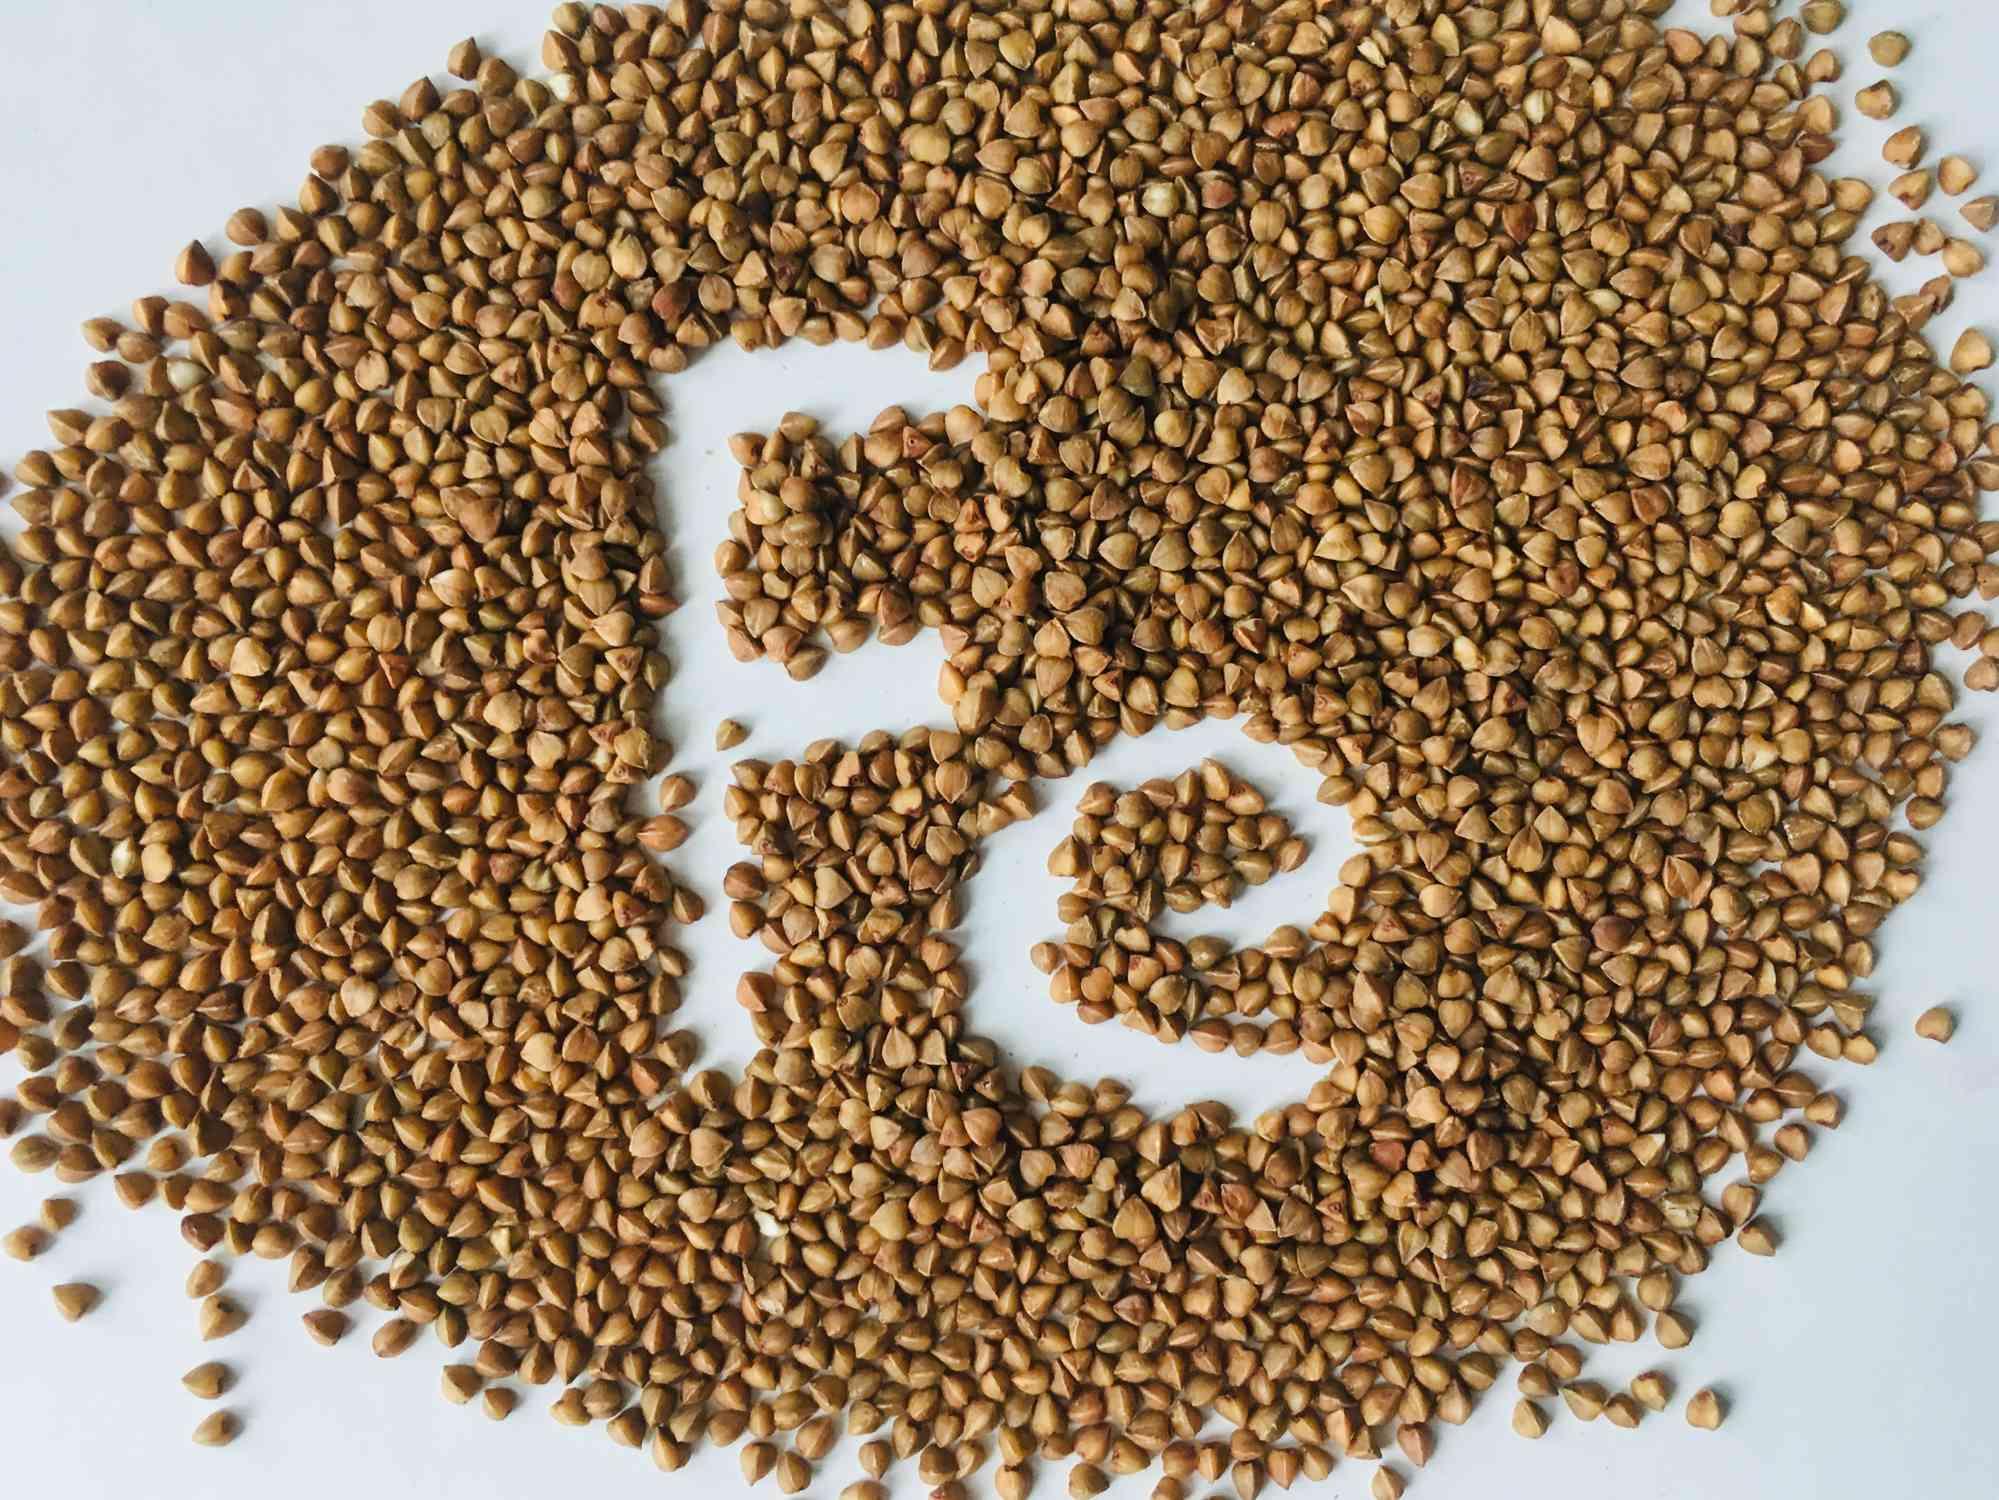 Iron symbol in buckwheat